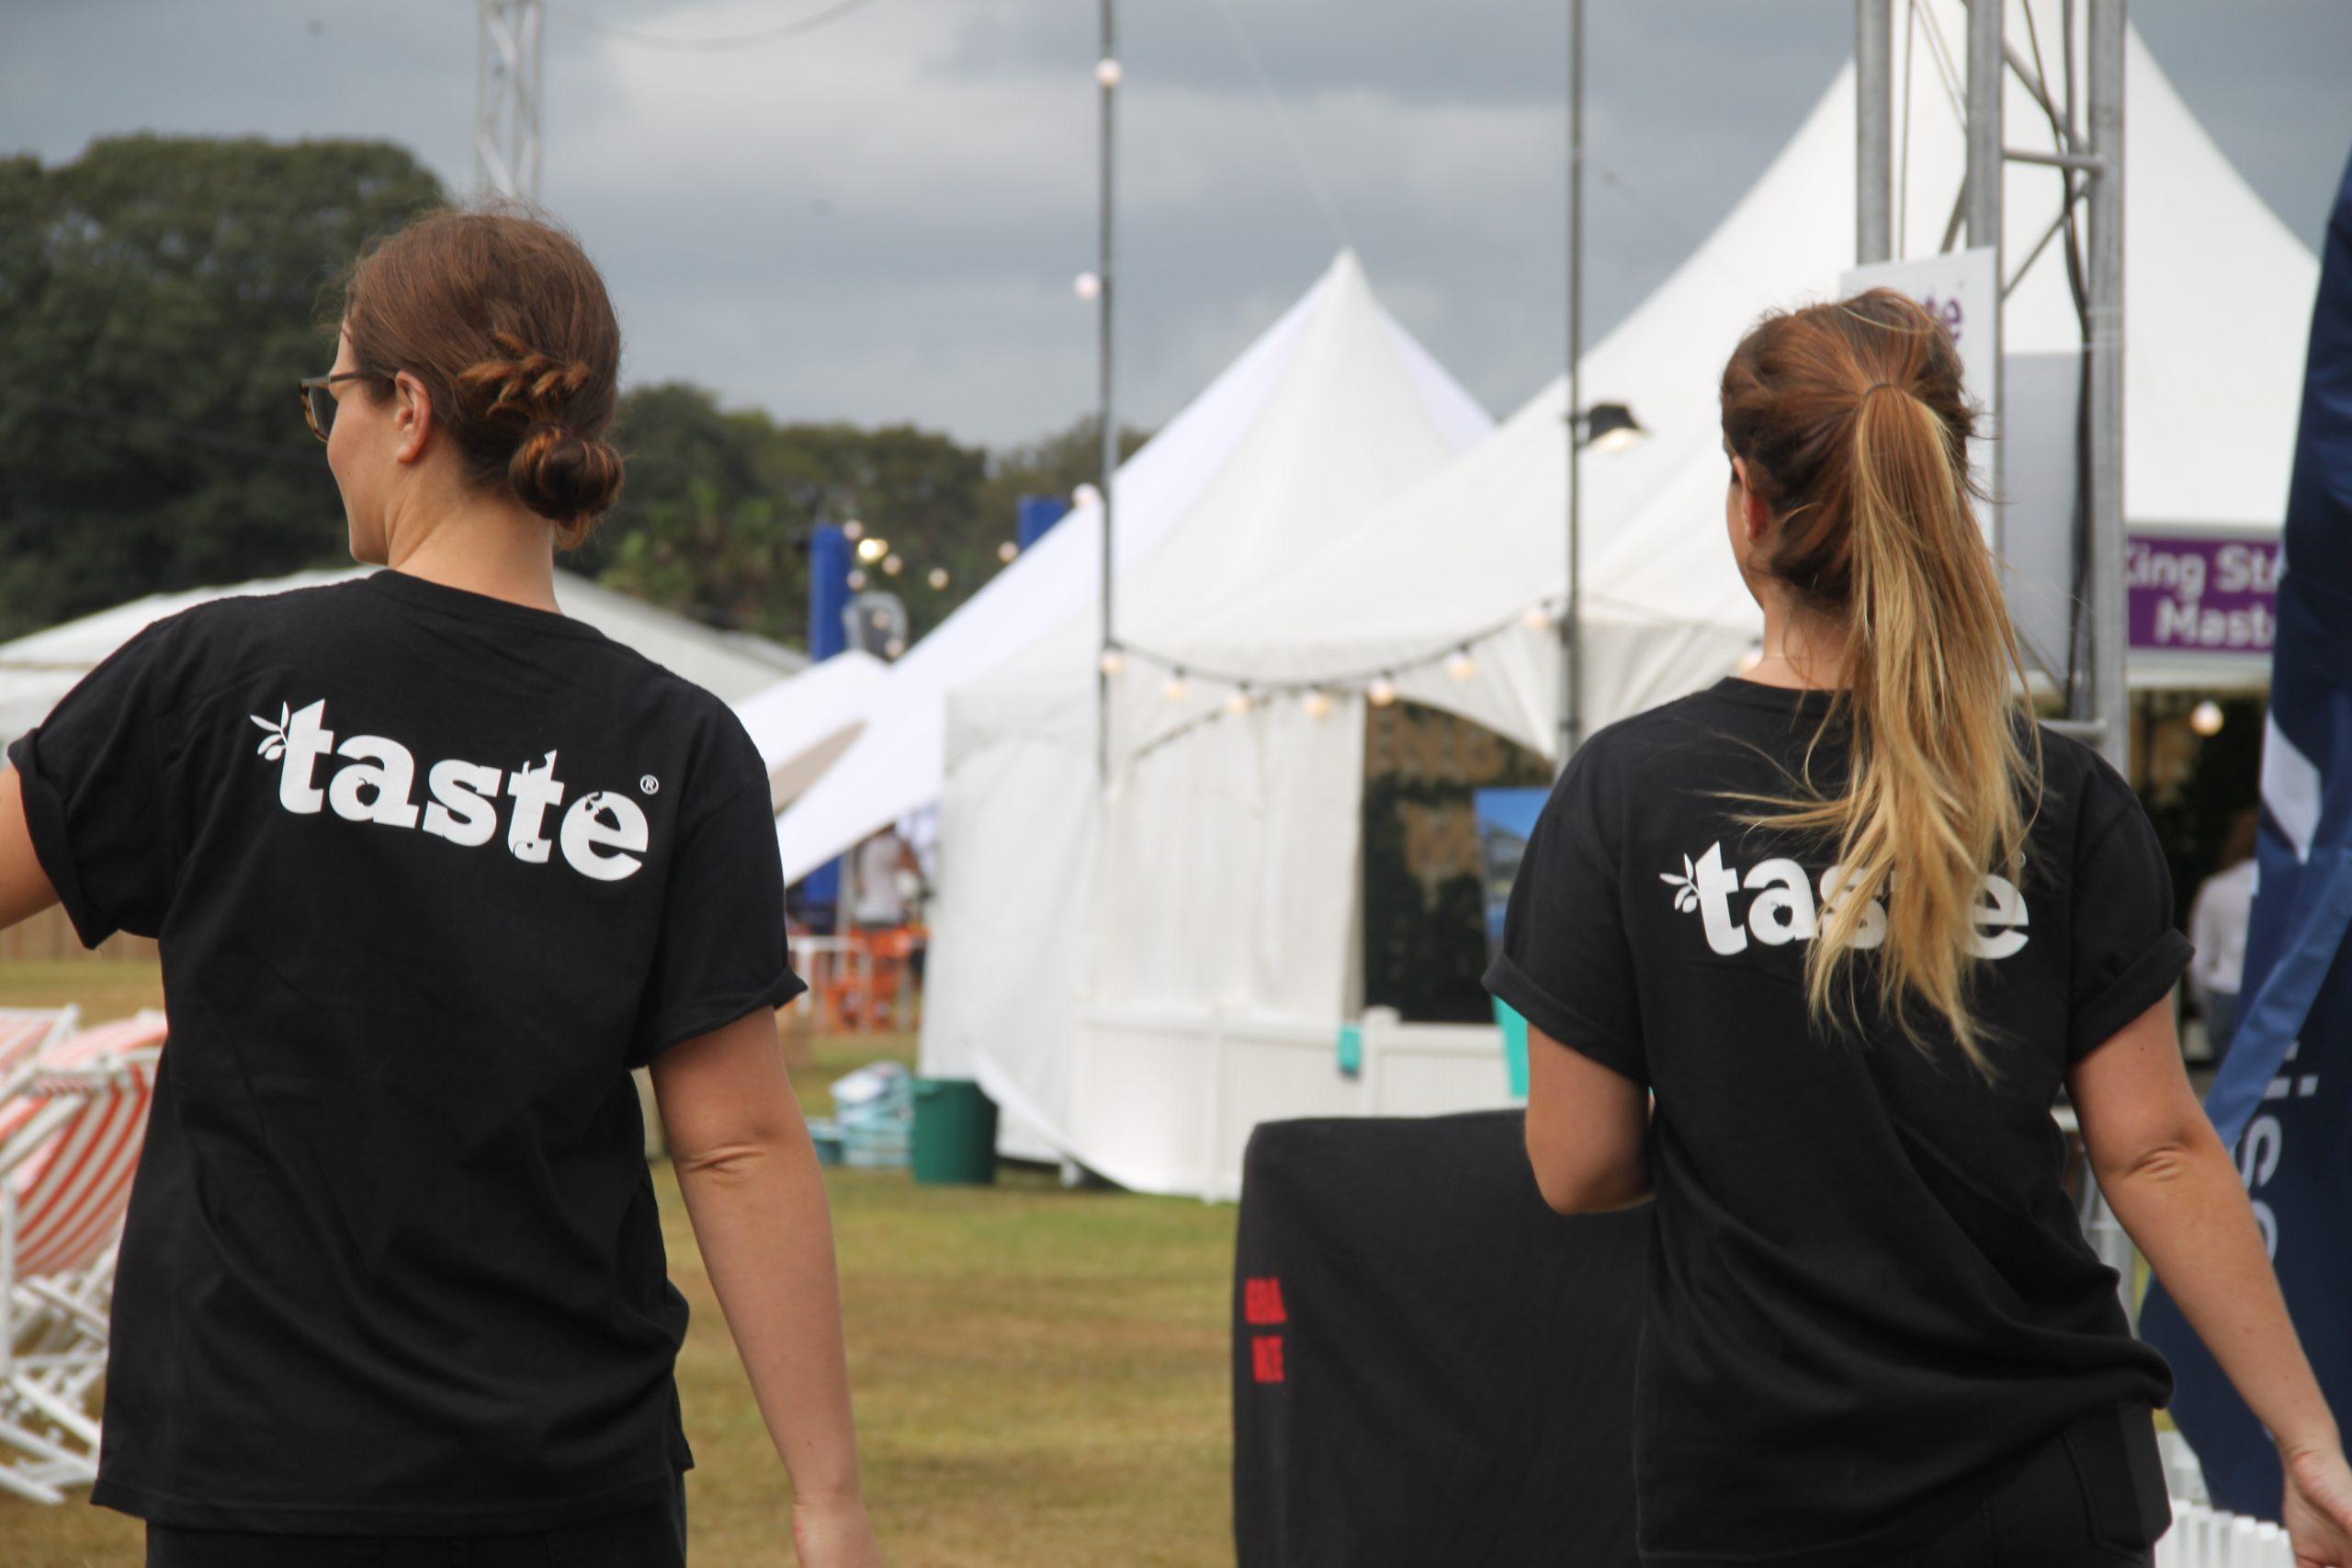 student volunteers in black TASTE T-shirts